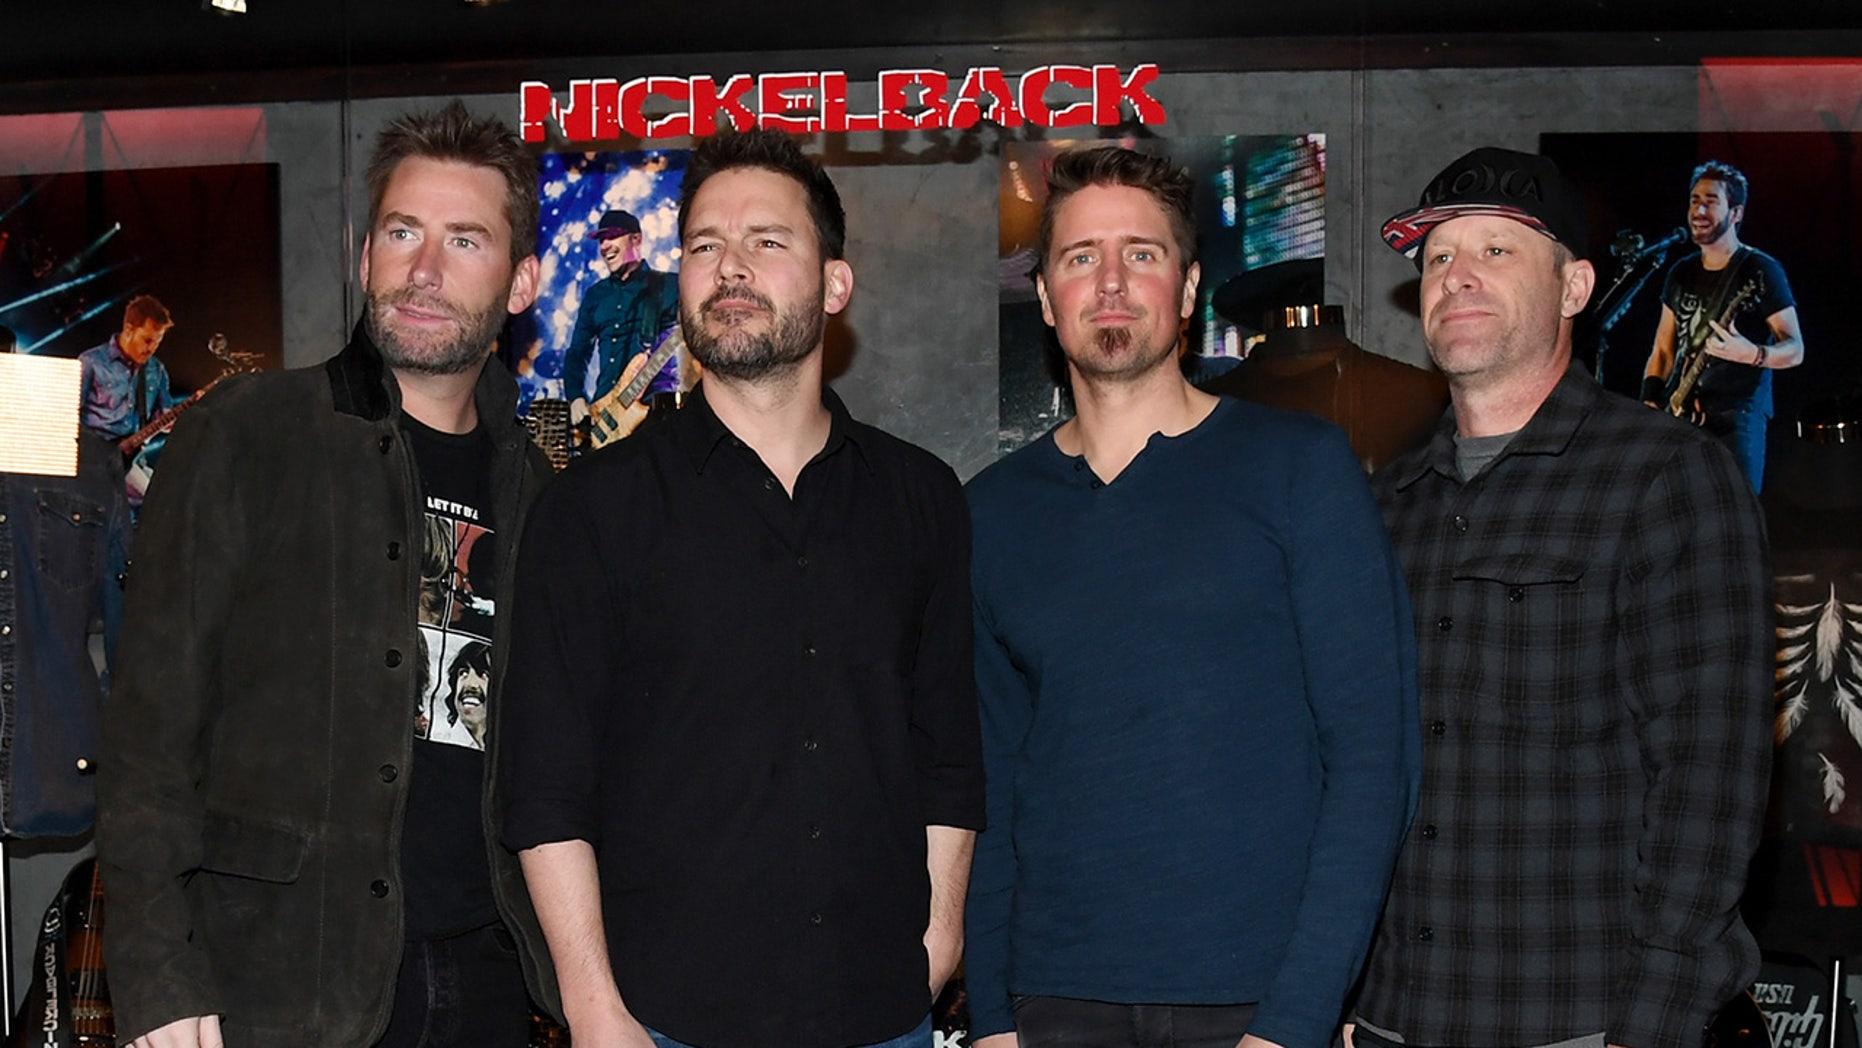 Frontman Chad Kroeger, guitarist Ryan Peake, drummer Daniel Adair and bassist Mike Kroeger of Nickelback attend a memorabilia case dedication on Feb. 22, 2018 in Las Vegas. (Getty)